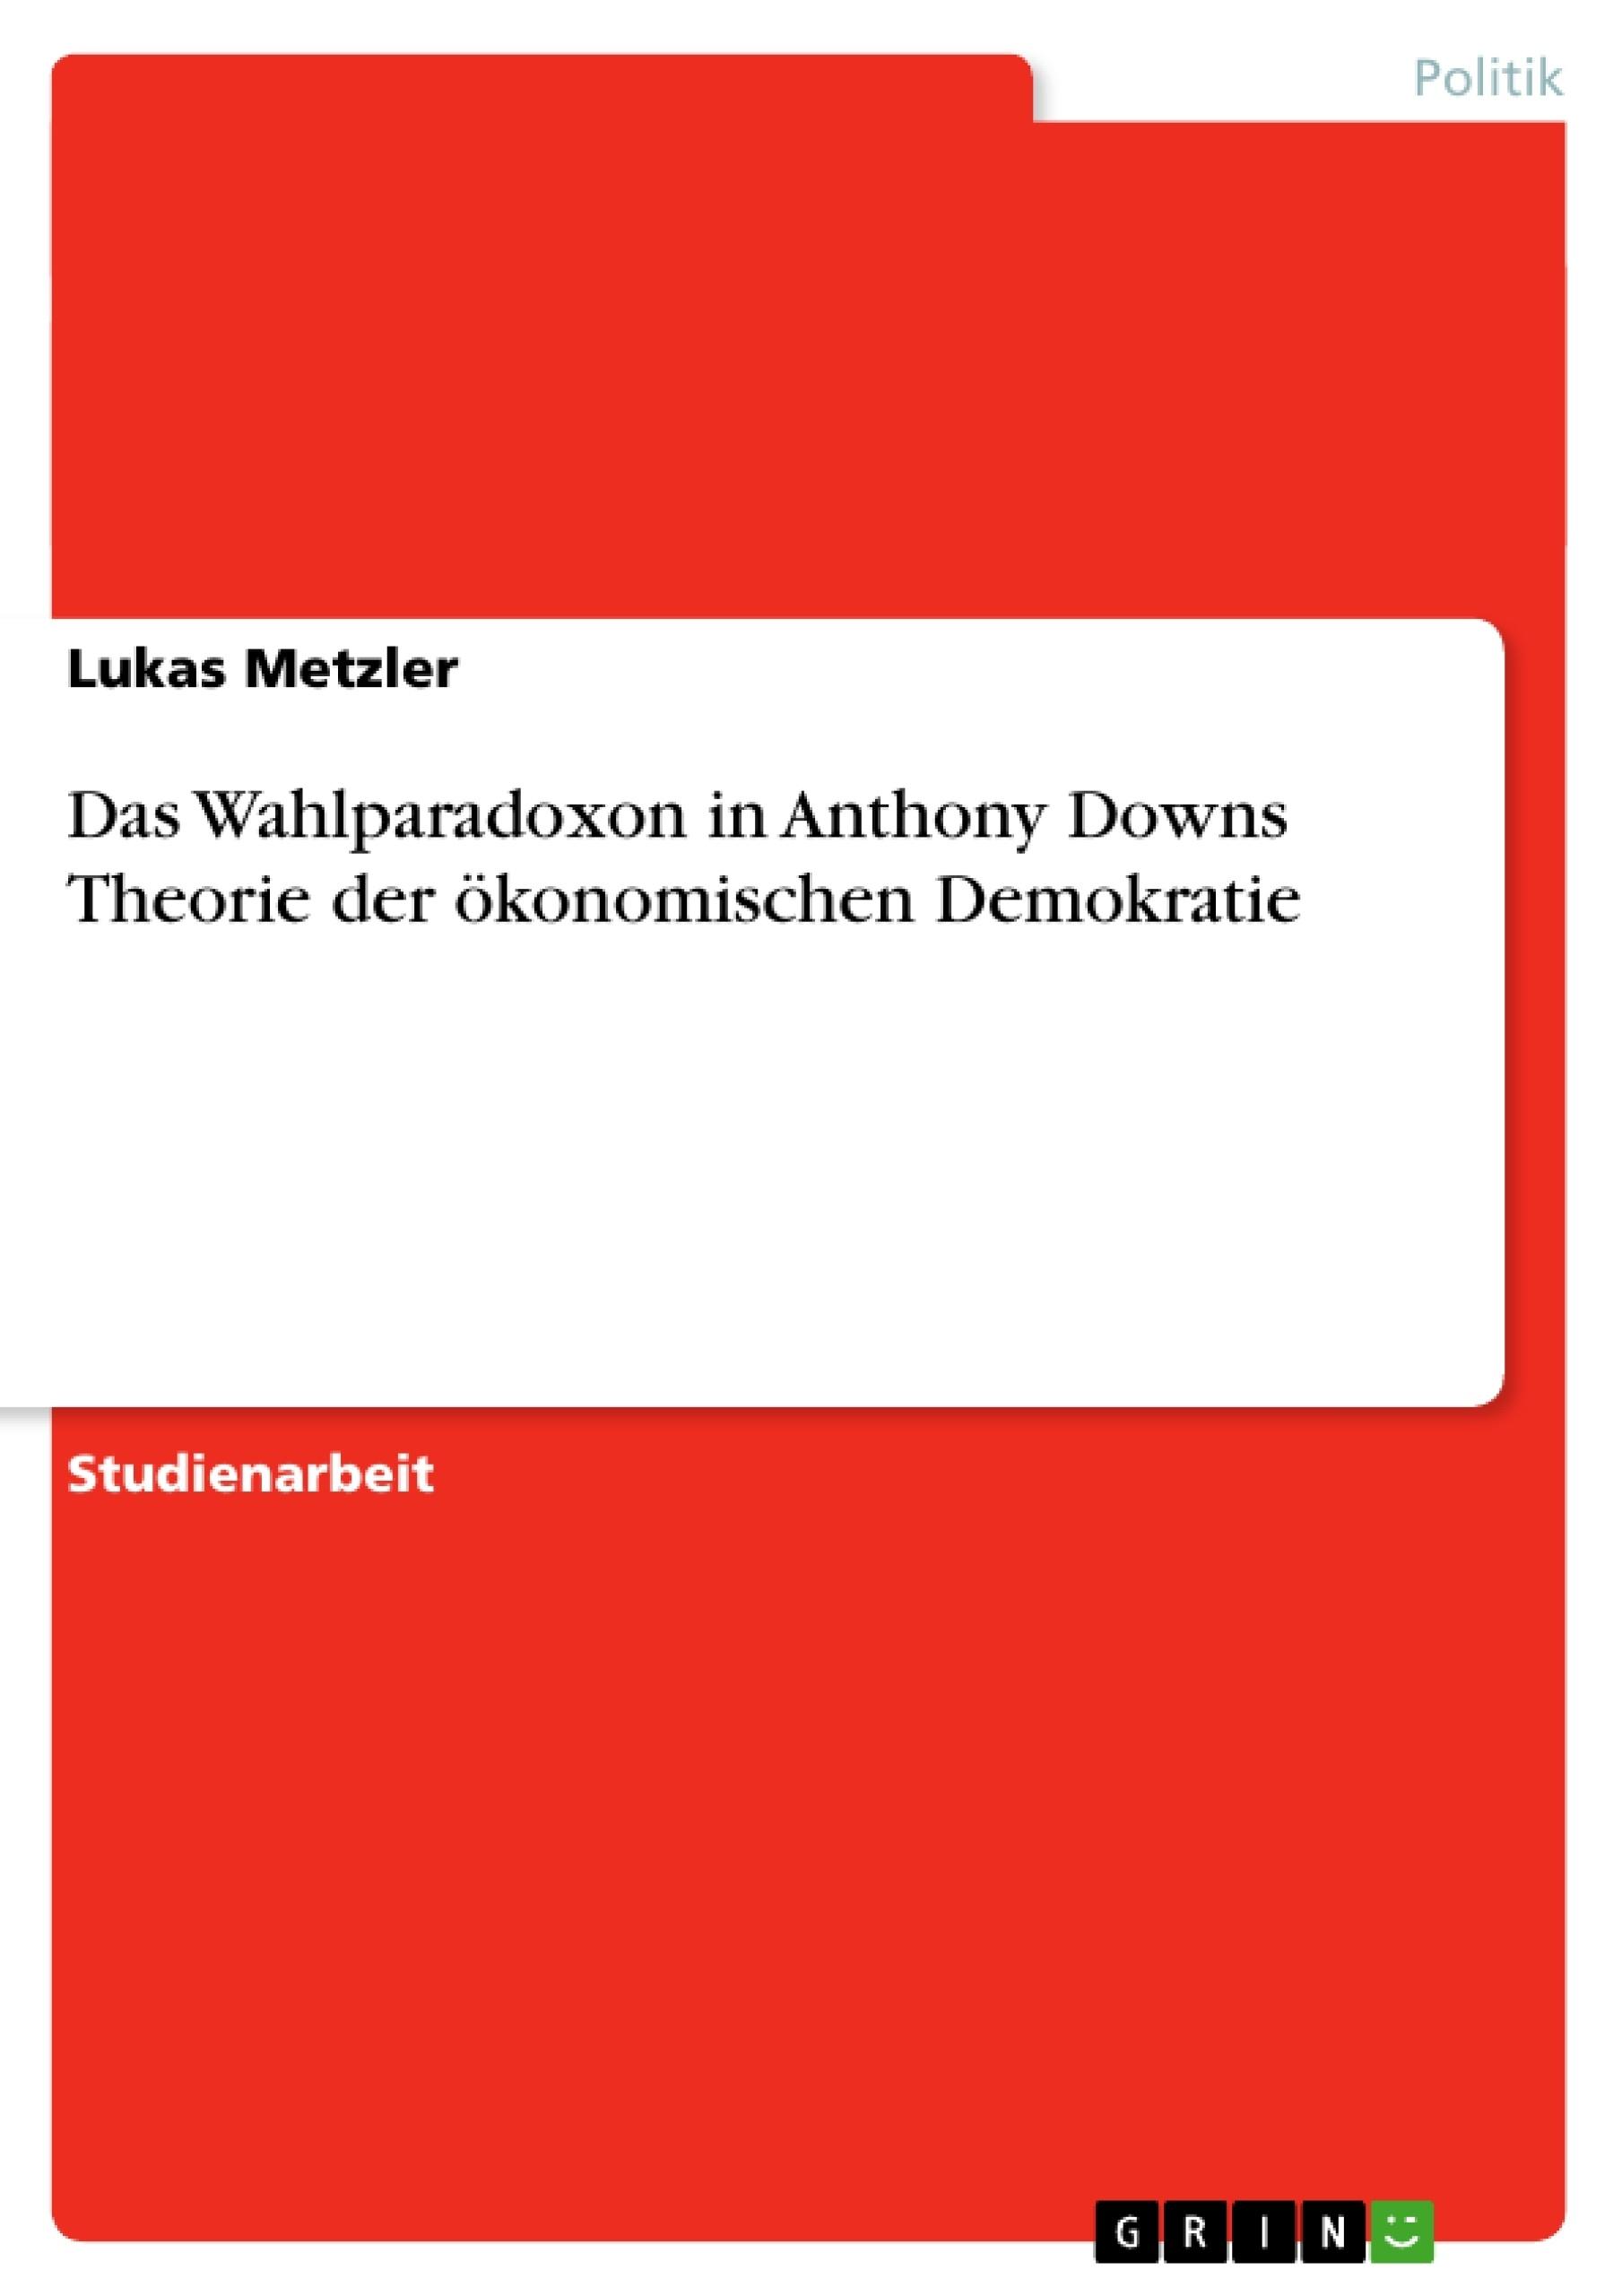 Titel: Das Wahlparadoxon in Anthony Downs Theorie der ökonomischen Demokratie